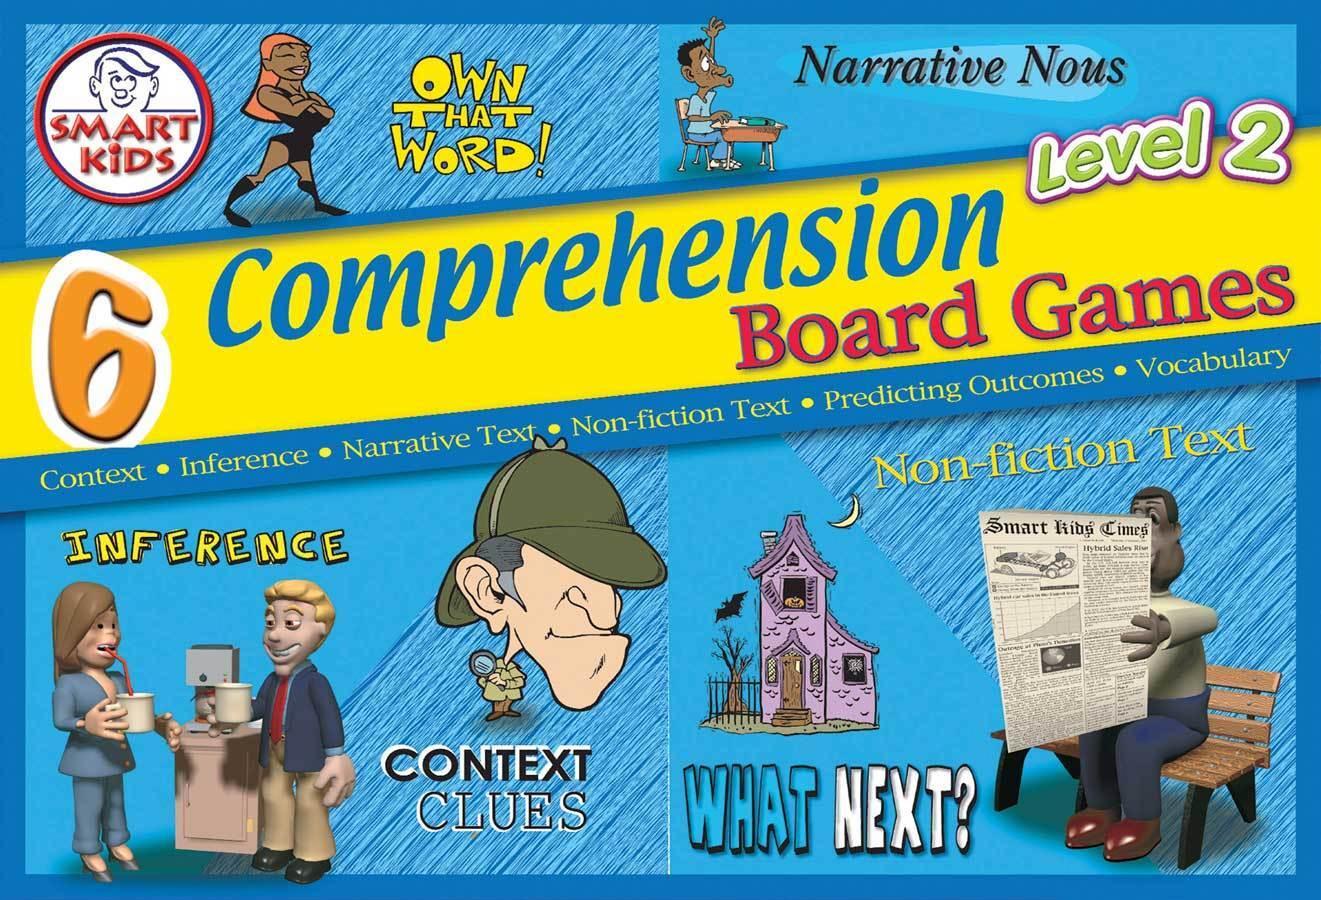 Smart Kids 6 Comprehension Board Games Level 2 - Develop Skills - NEW